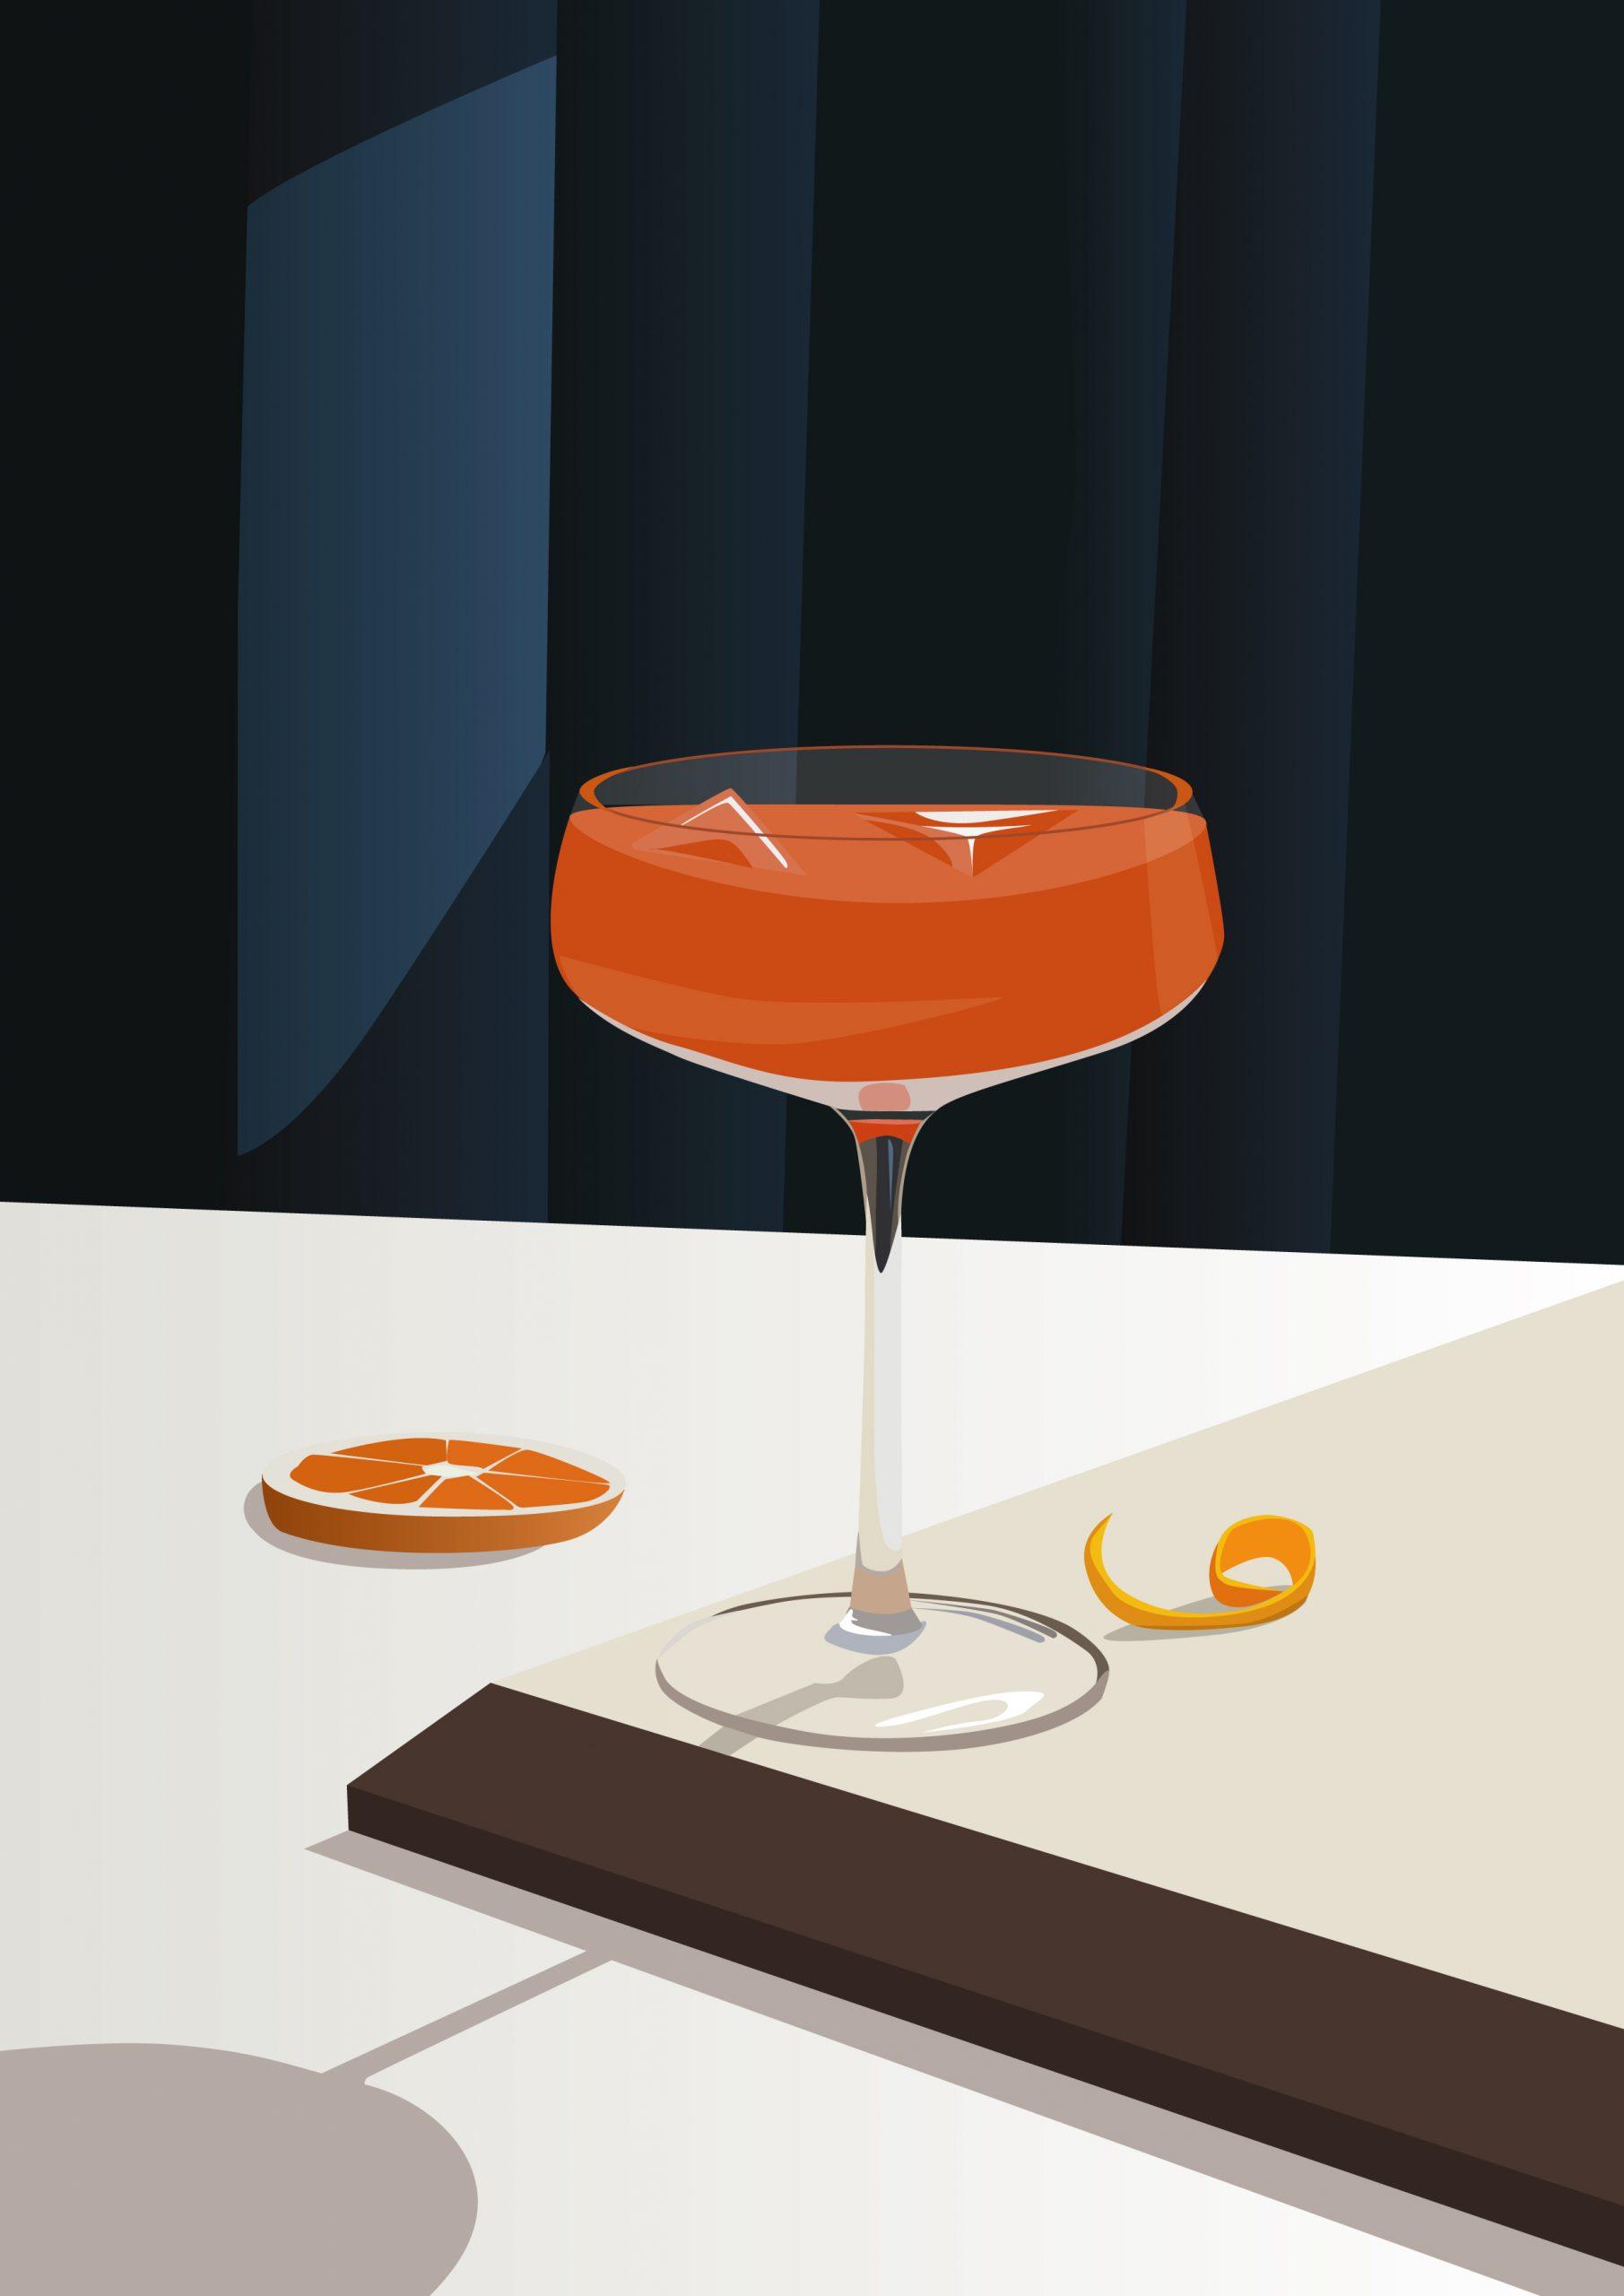 cocktail_Plan de travail 1